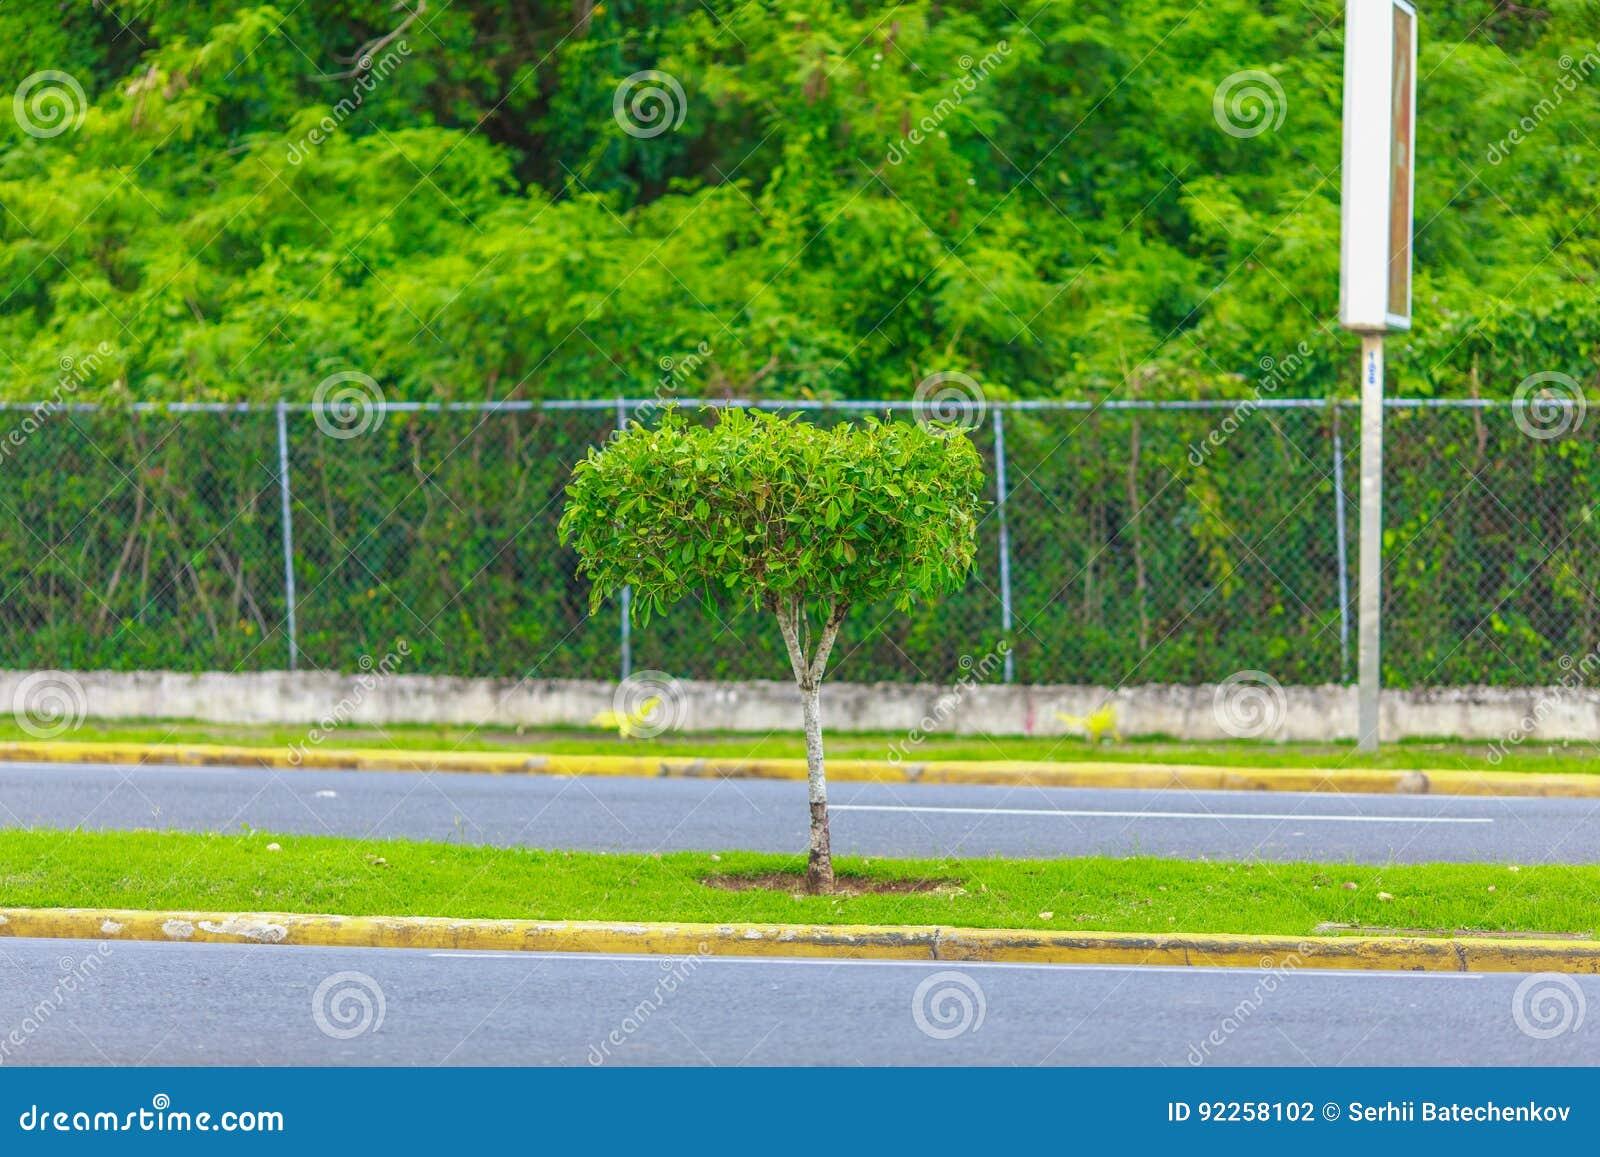 Árbol verde en el camino